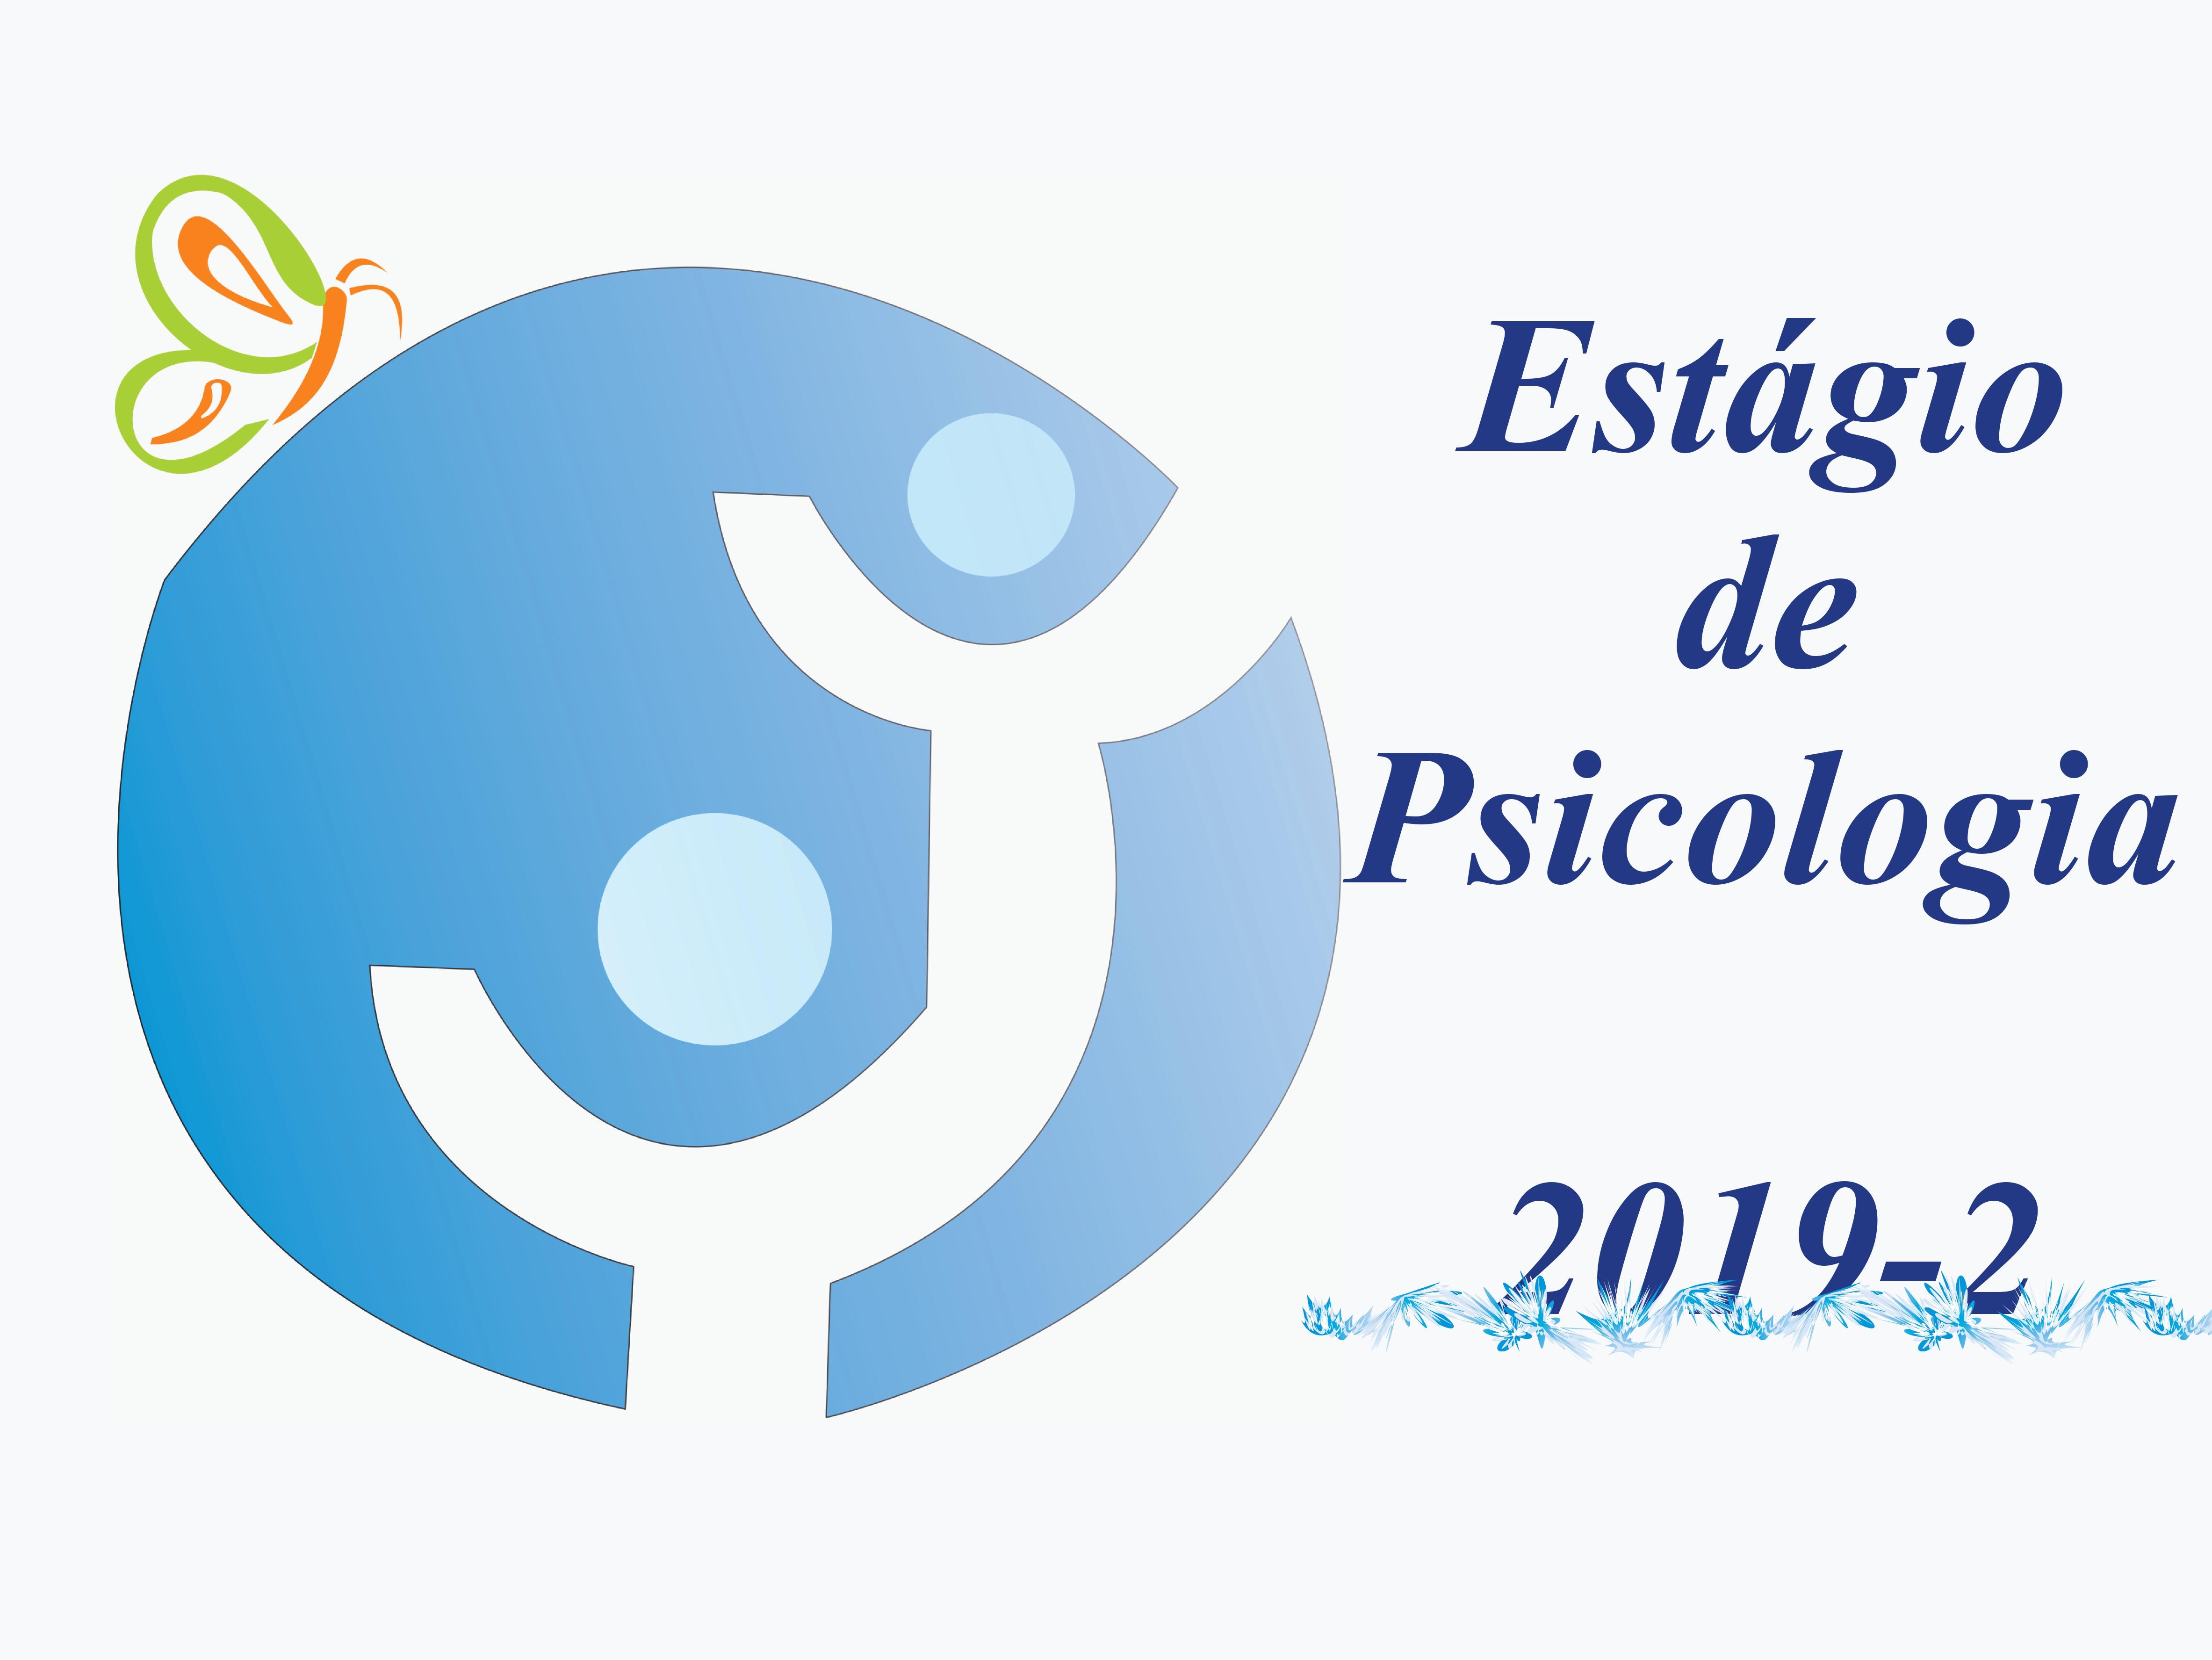 Cronograma dos Estágios de Psicologia 2019-2